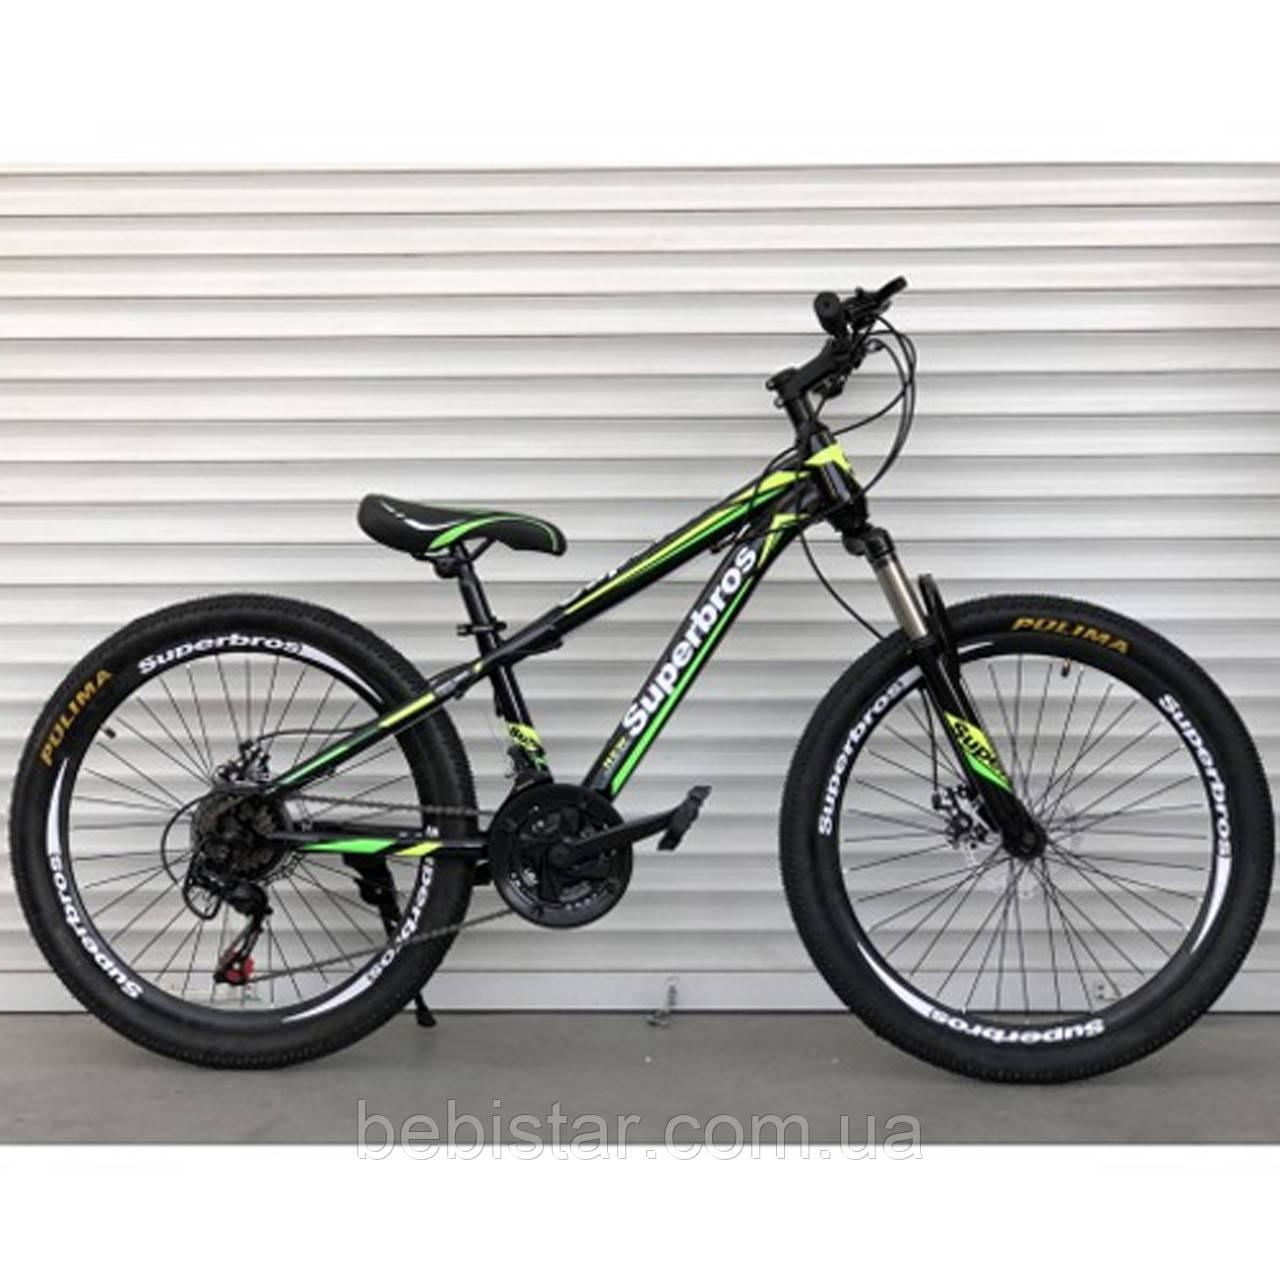 Спортивный велосипед ТopRider 24 дюйма салатовый 21 скорость металлическая рама 14 детям с 8 лет рост от 130см